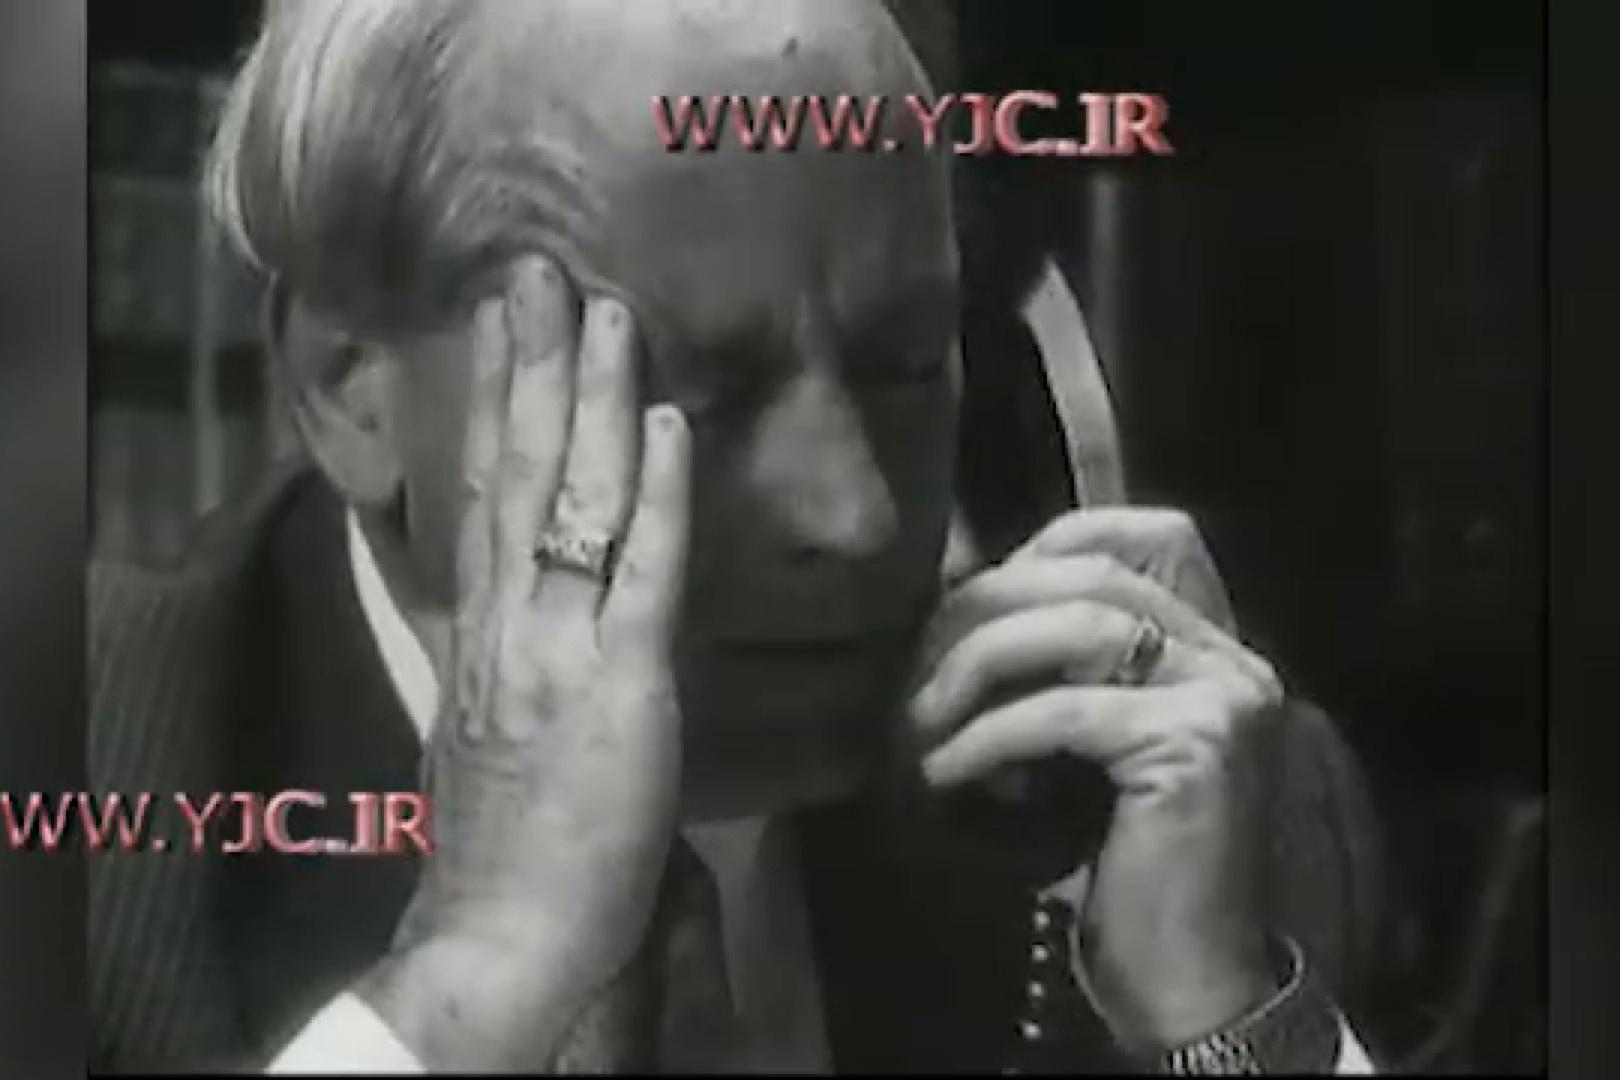 فیلم | افشاگری مقام کاخ سفید: تابش امواج الکترومغناطیس برای کنترل ذهن دیپلماتها